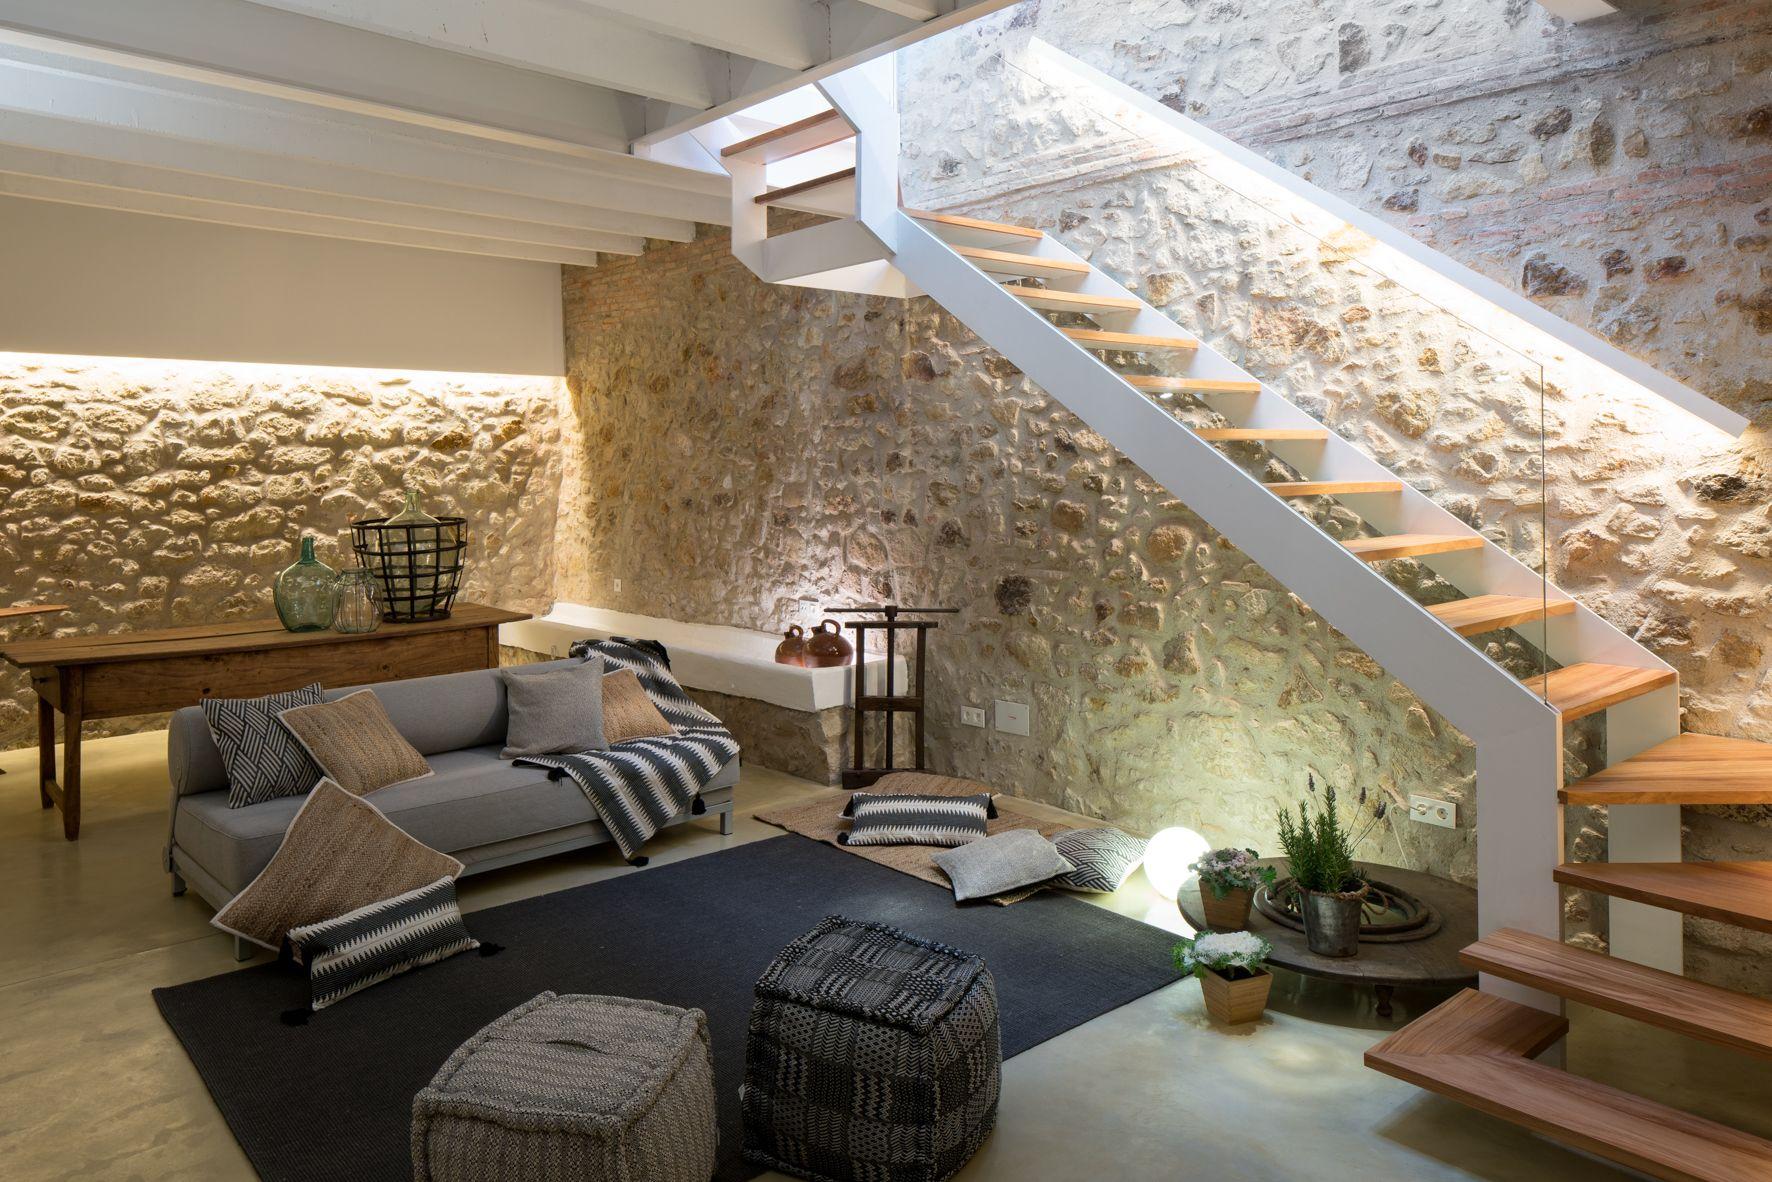 Arredamento Rustico Casa un granaio ristrutturato | arredamento rustico soggiorno